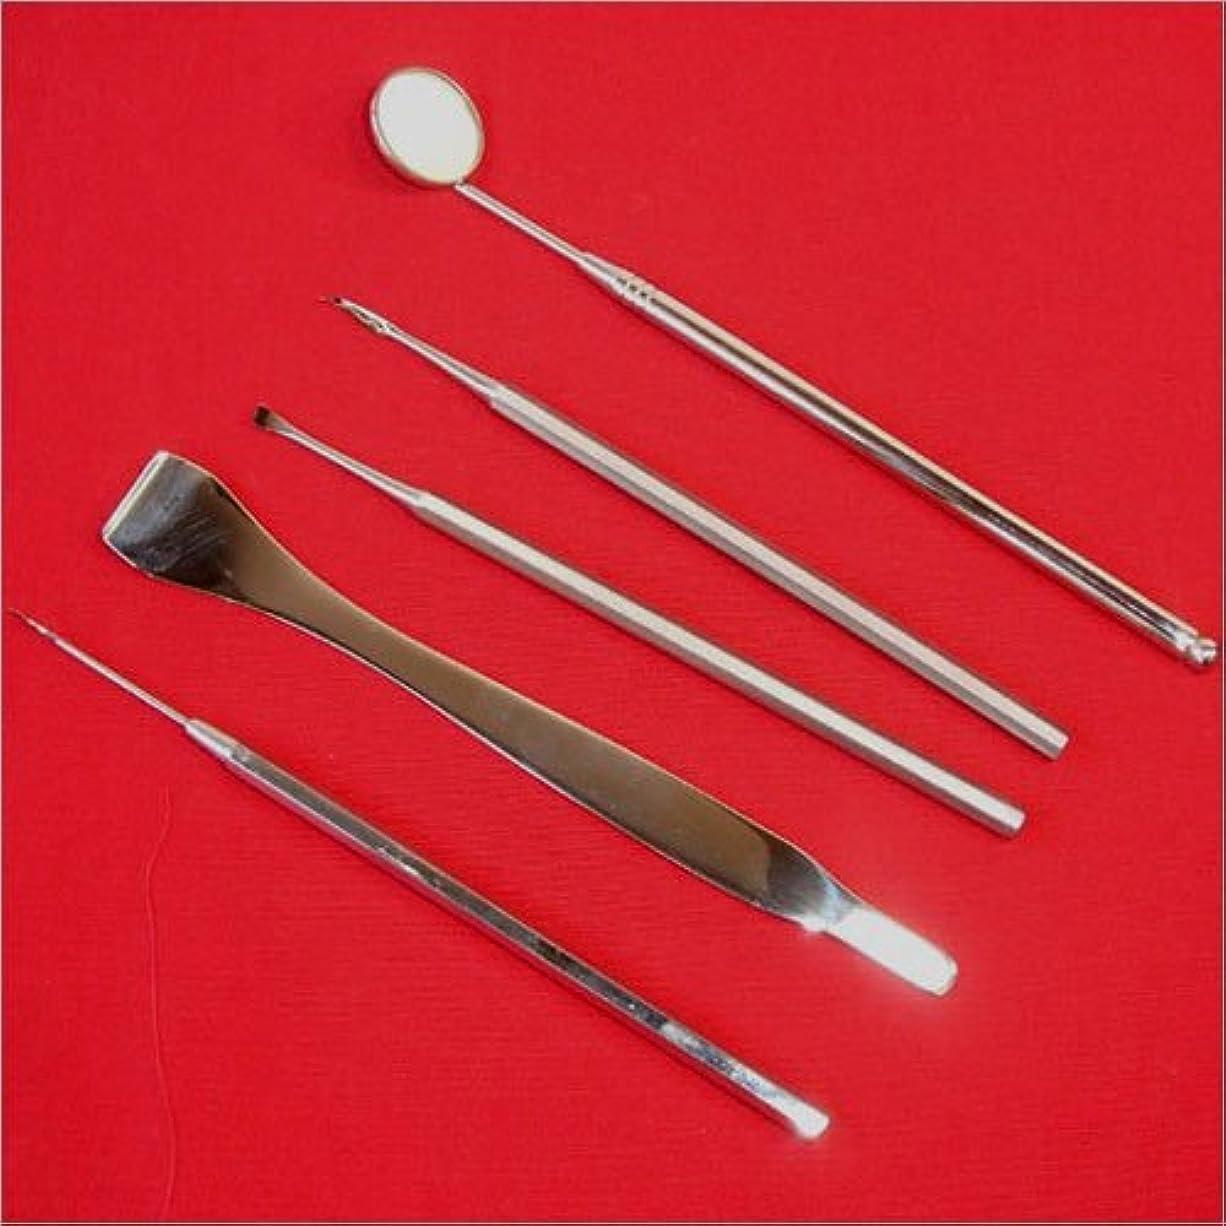 リファイン期待してインタビュー岐阜県関の伝統 歯石取りデンタルケアセット